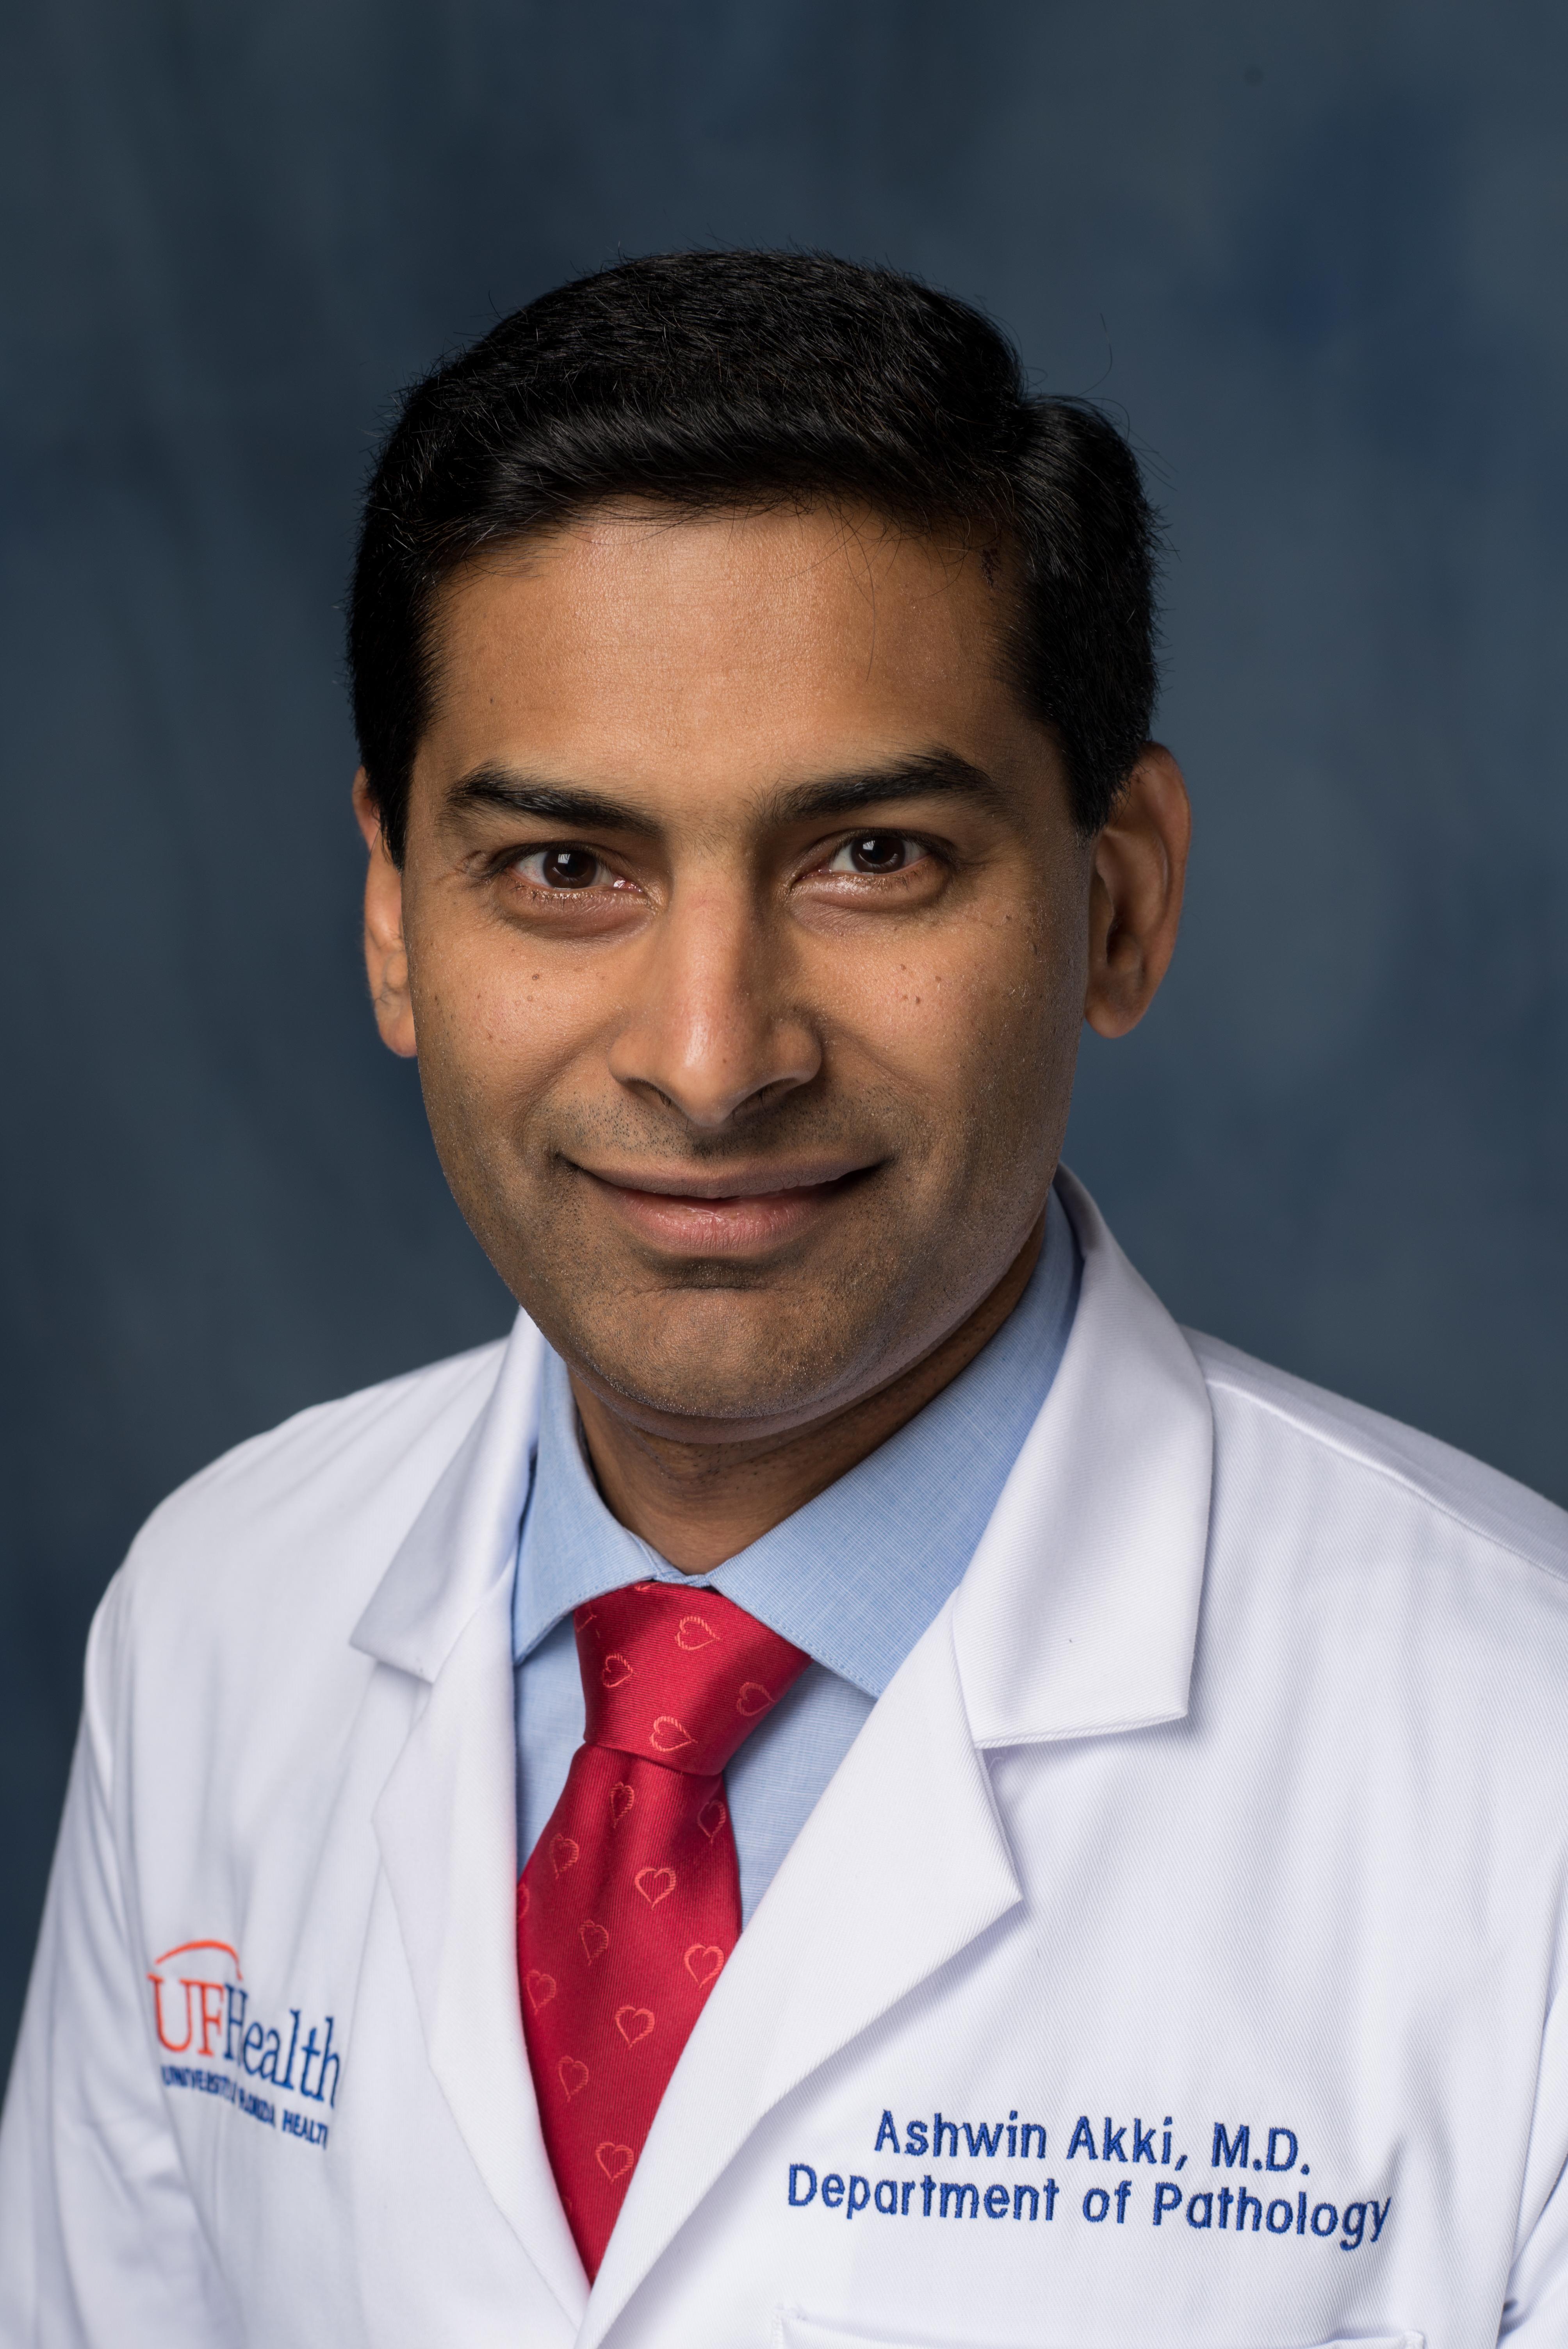 Ashwin Akki MD, PhD